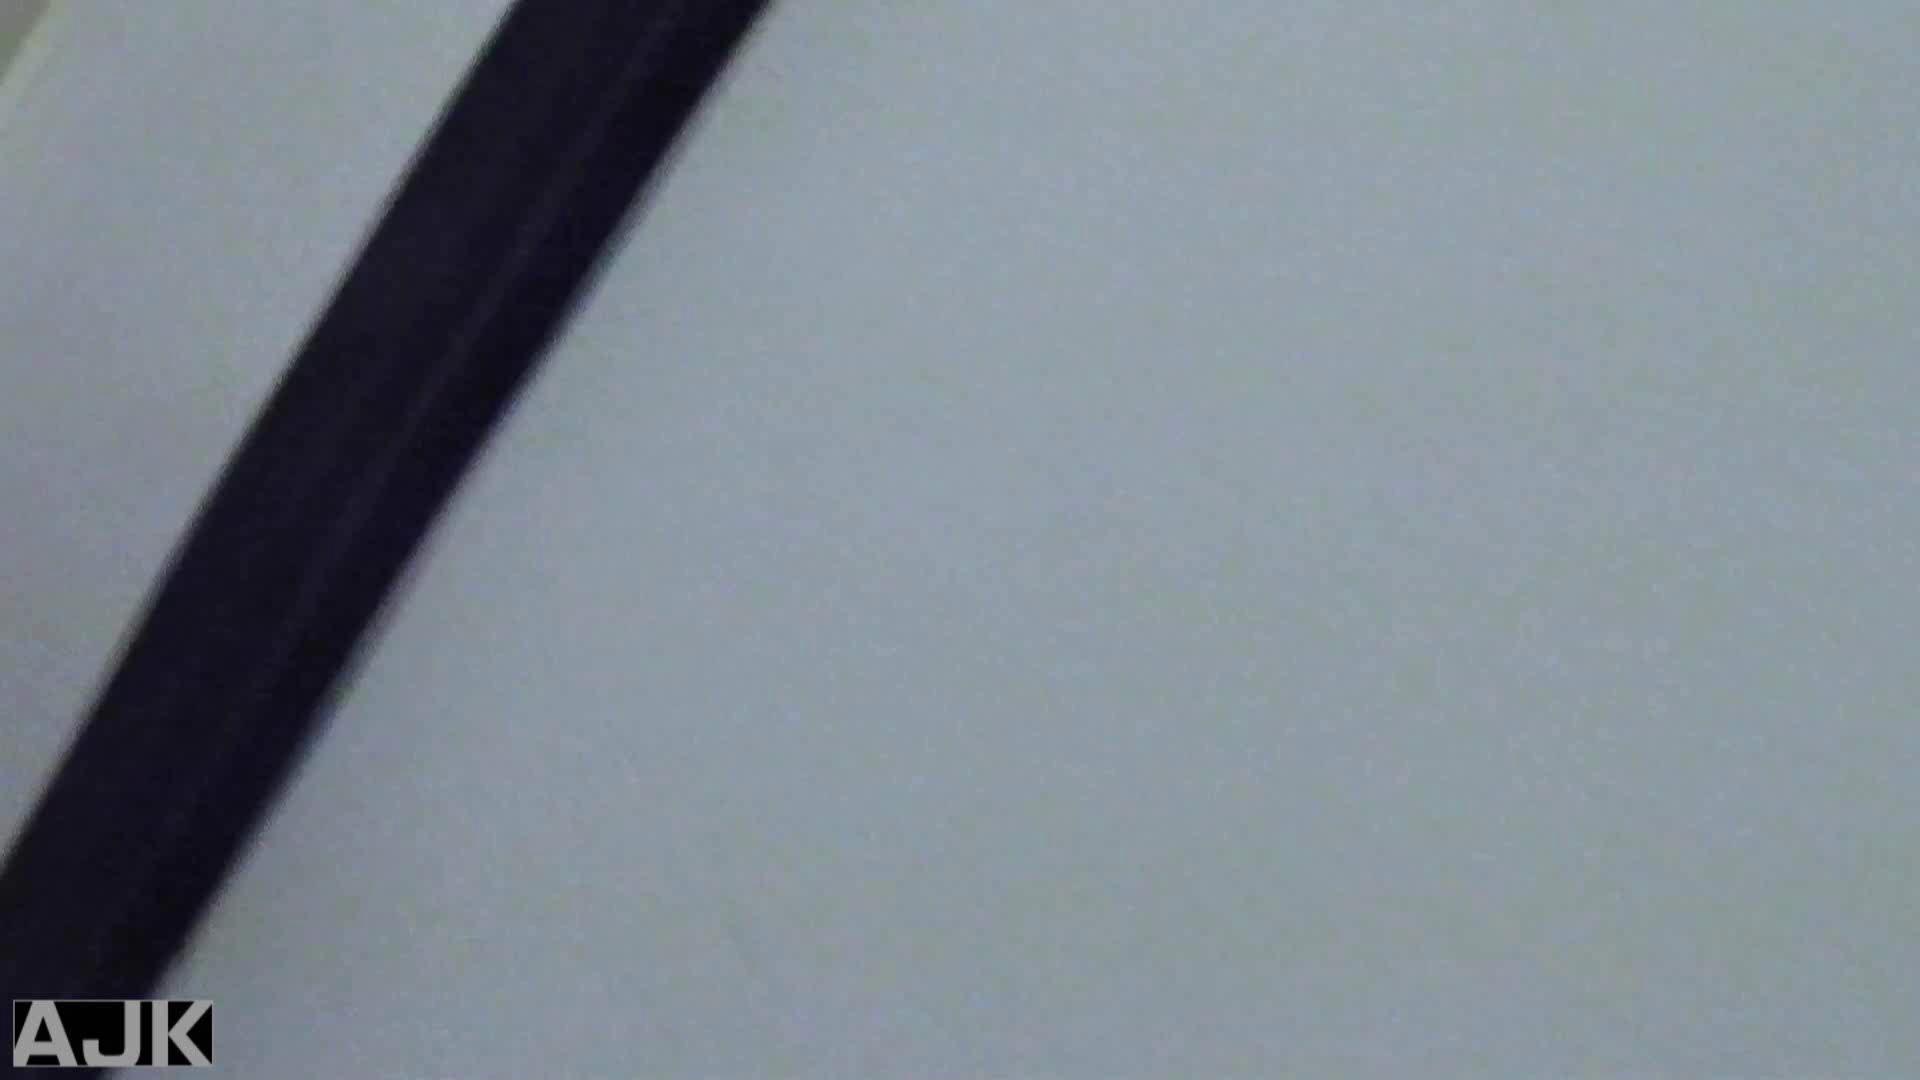 神降臨!史上最強の潜入かわや! vol.29 お色気美女 アダルト動画キャプチャ 107枚 75